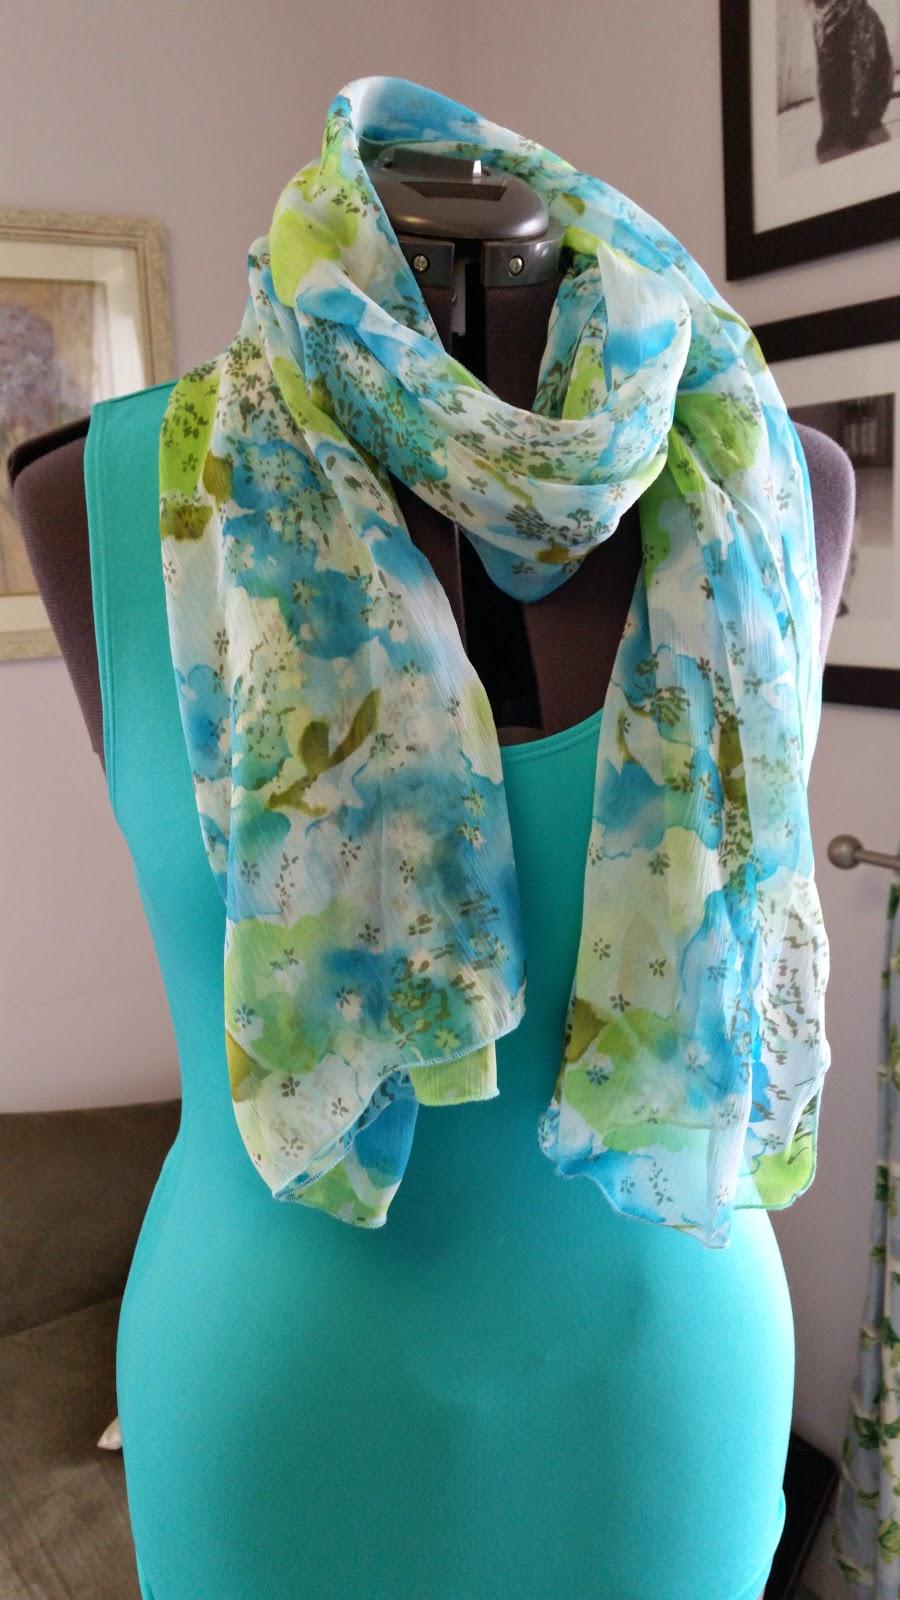 Sewing Spring Silk Scarves - SewBaby News